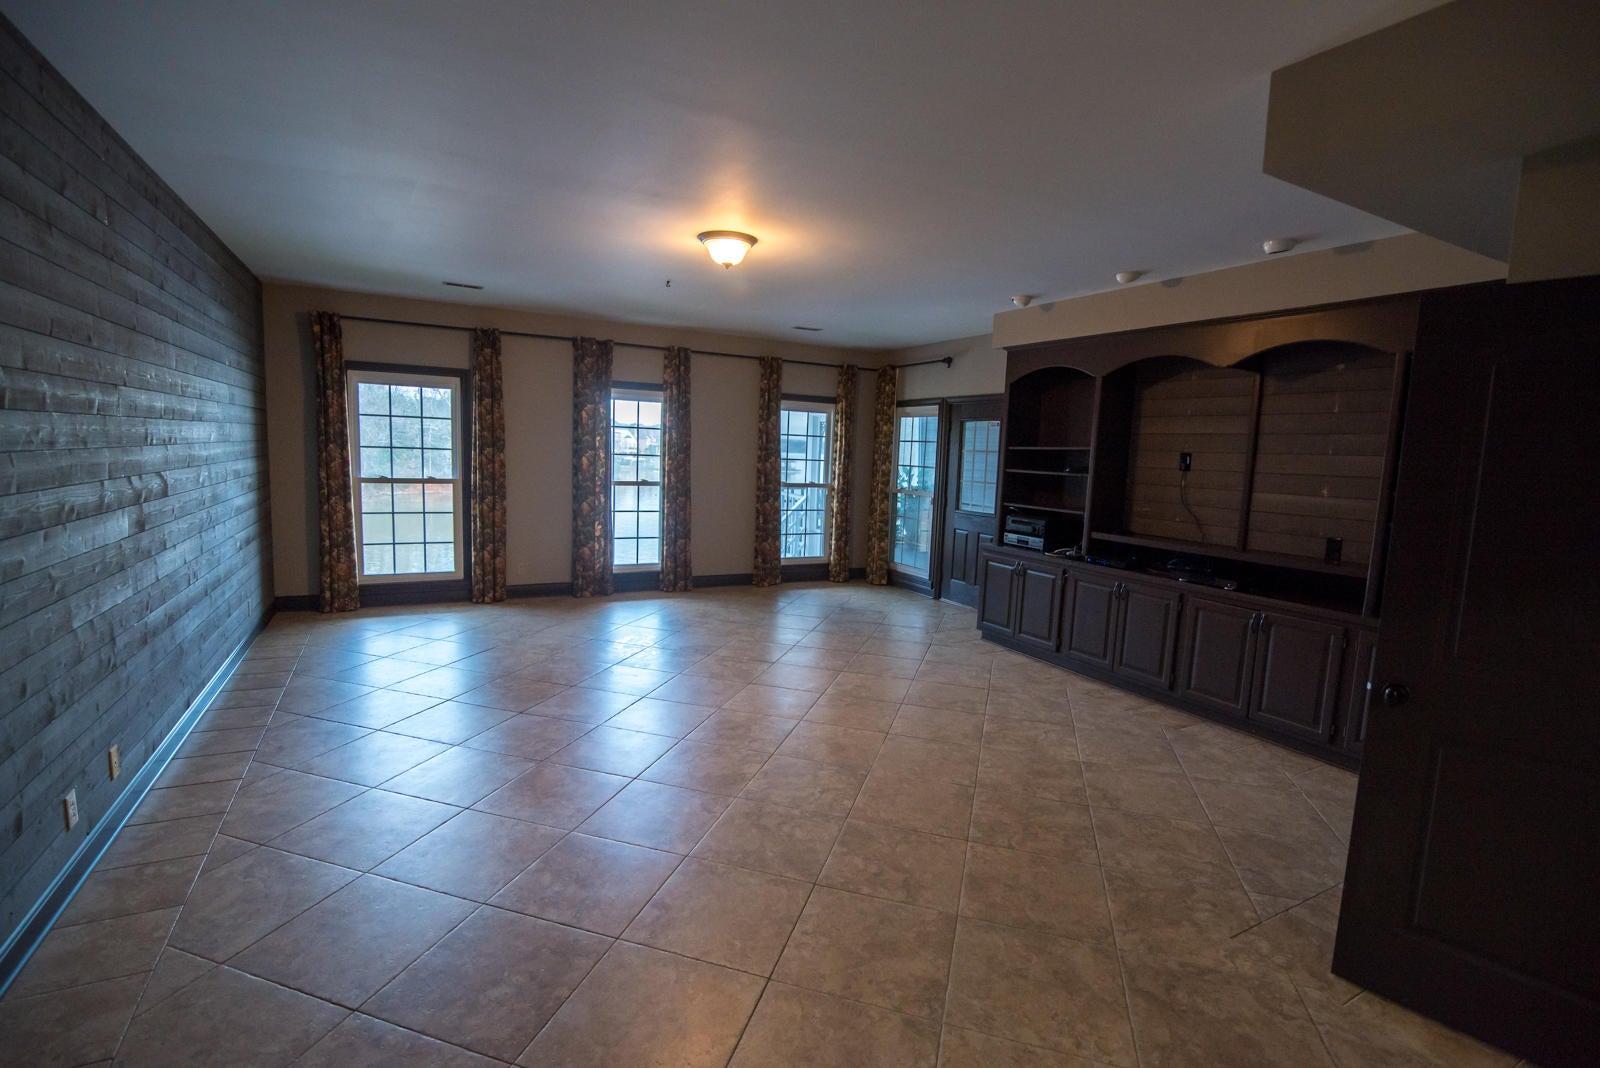 Basement Rec Room/Living Area